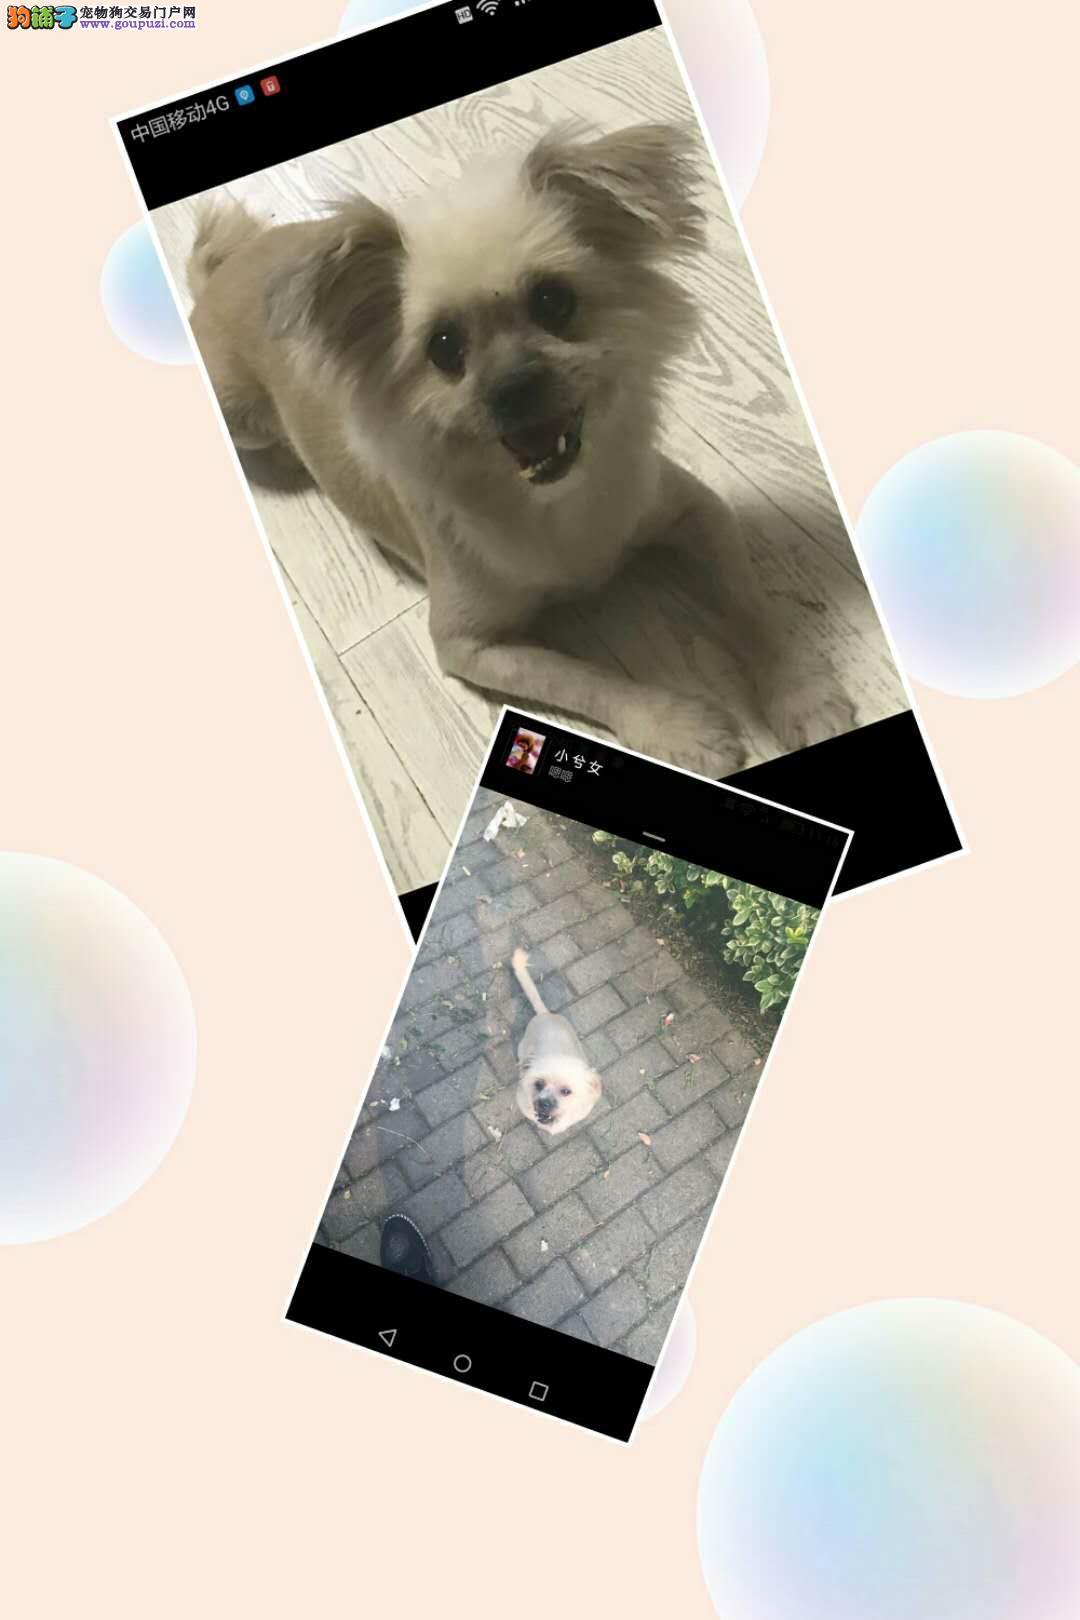 上海宝山区友谊路宝钢三村门口酬谢五千元寻找狗狗